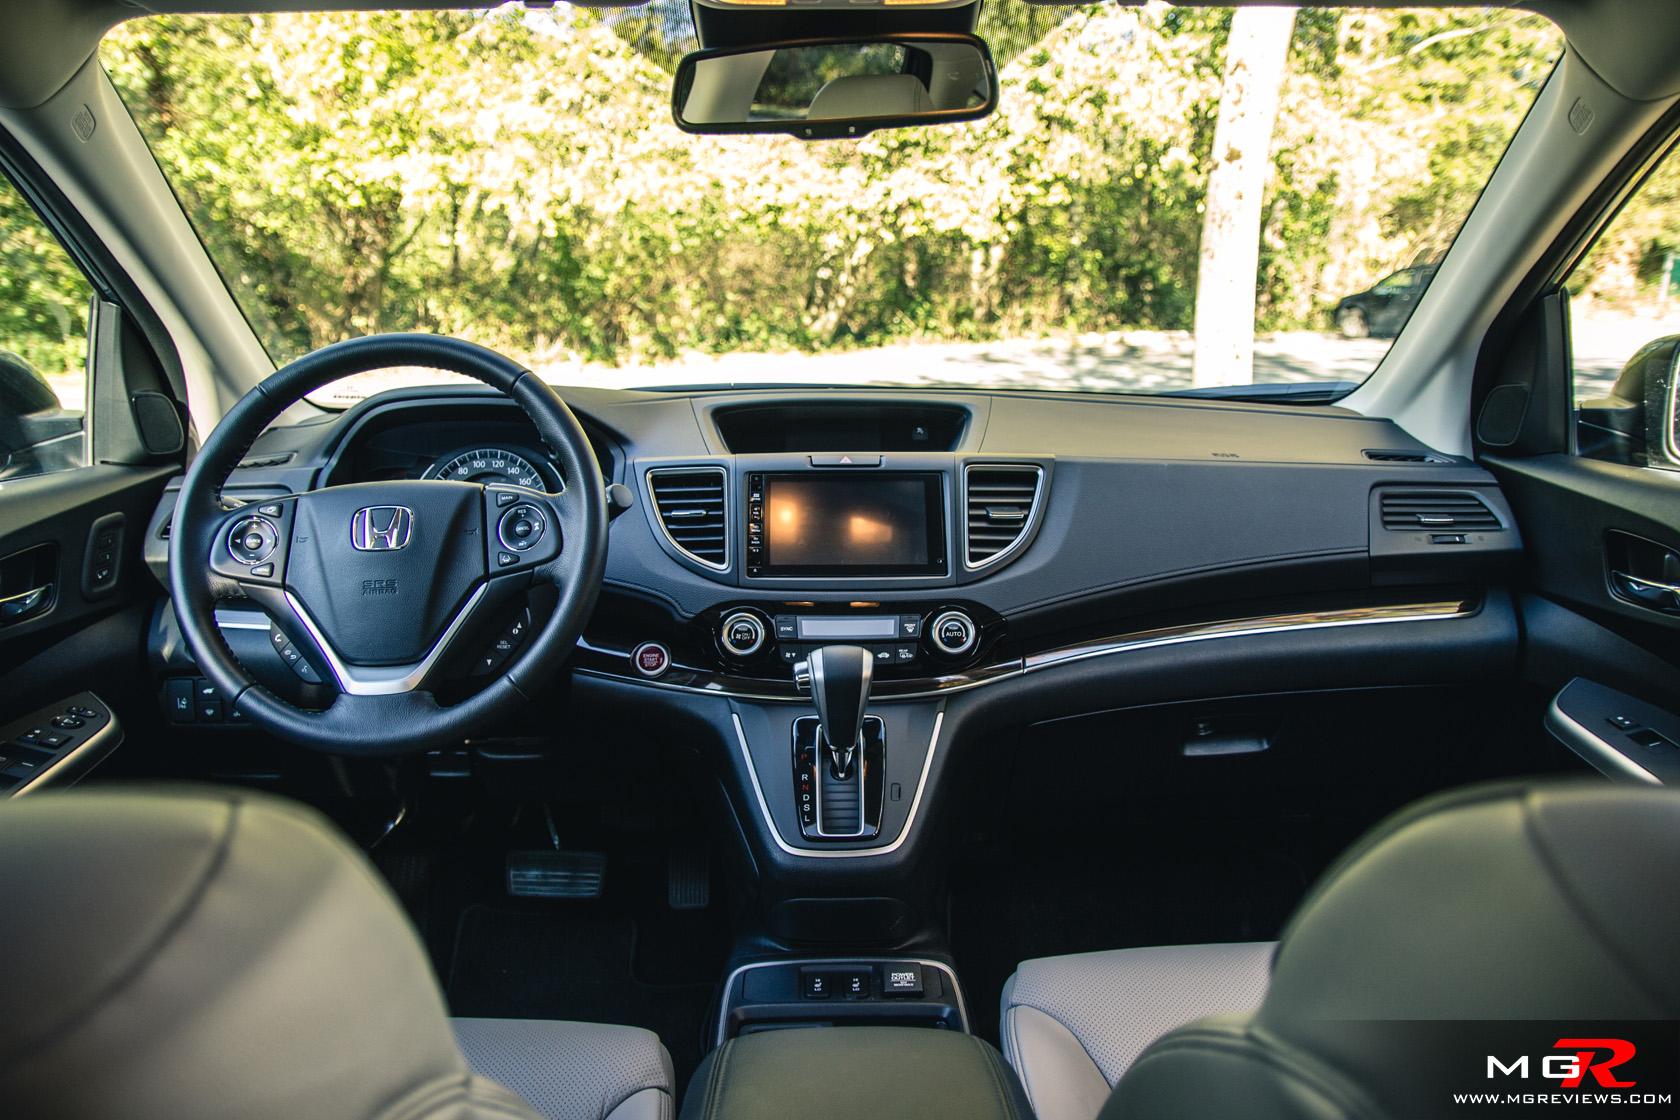 Review: 2016 Honda CR-V – M G Reviews